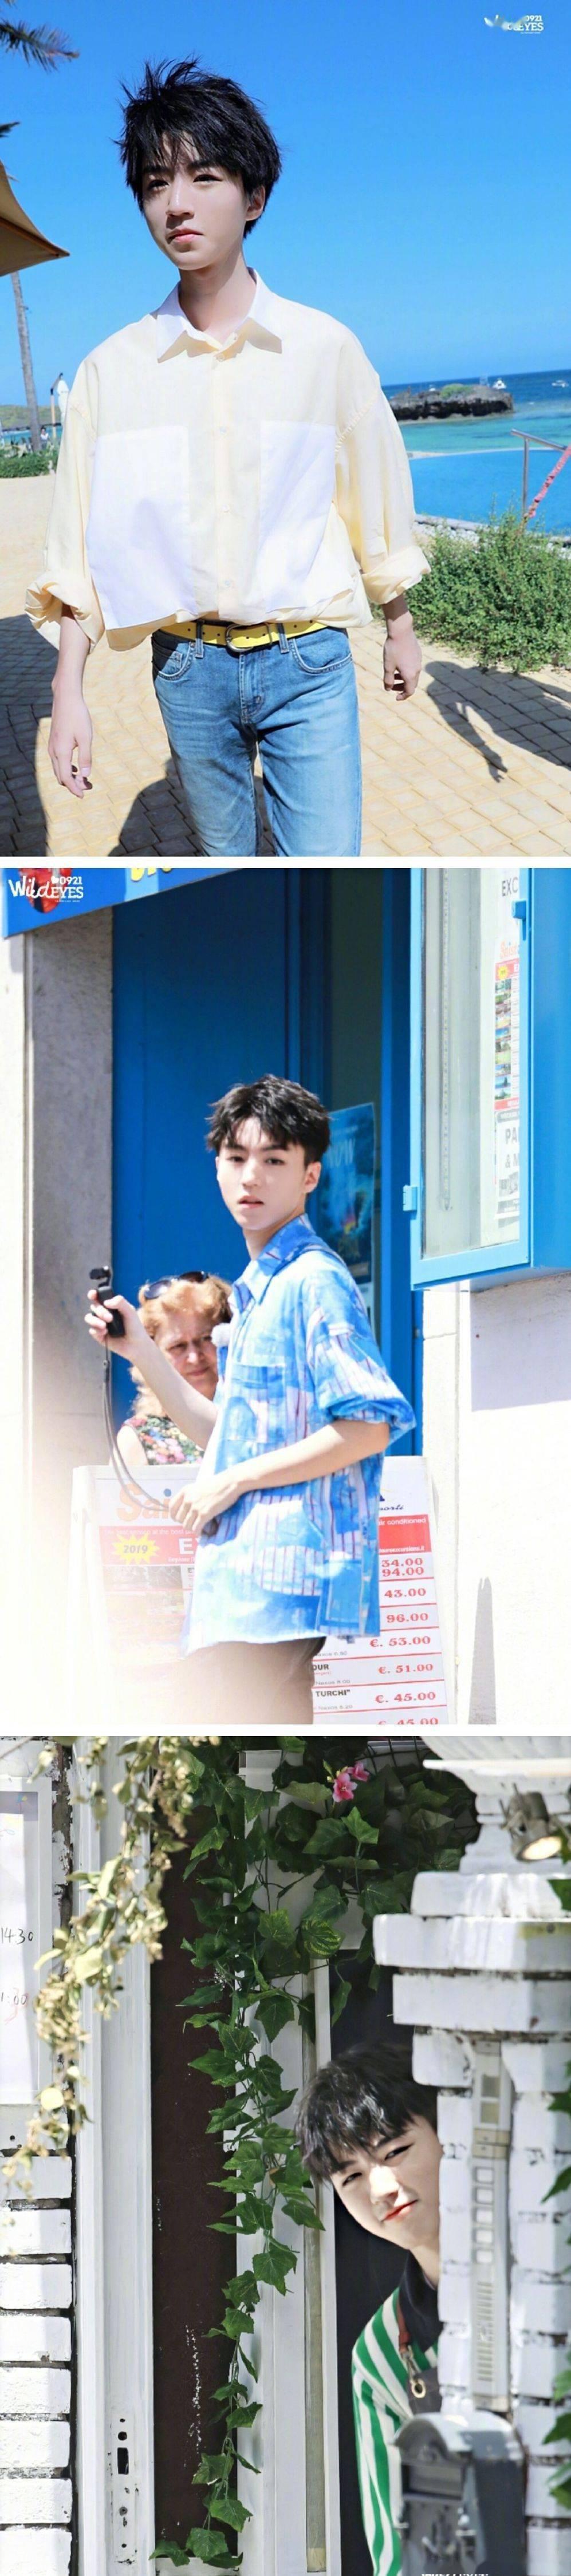 王俊凯私服九宫格合集时尚典范的阳光少年